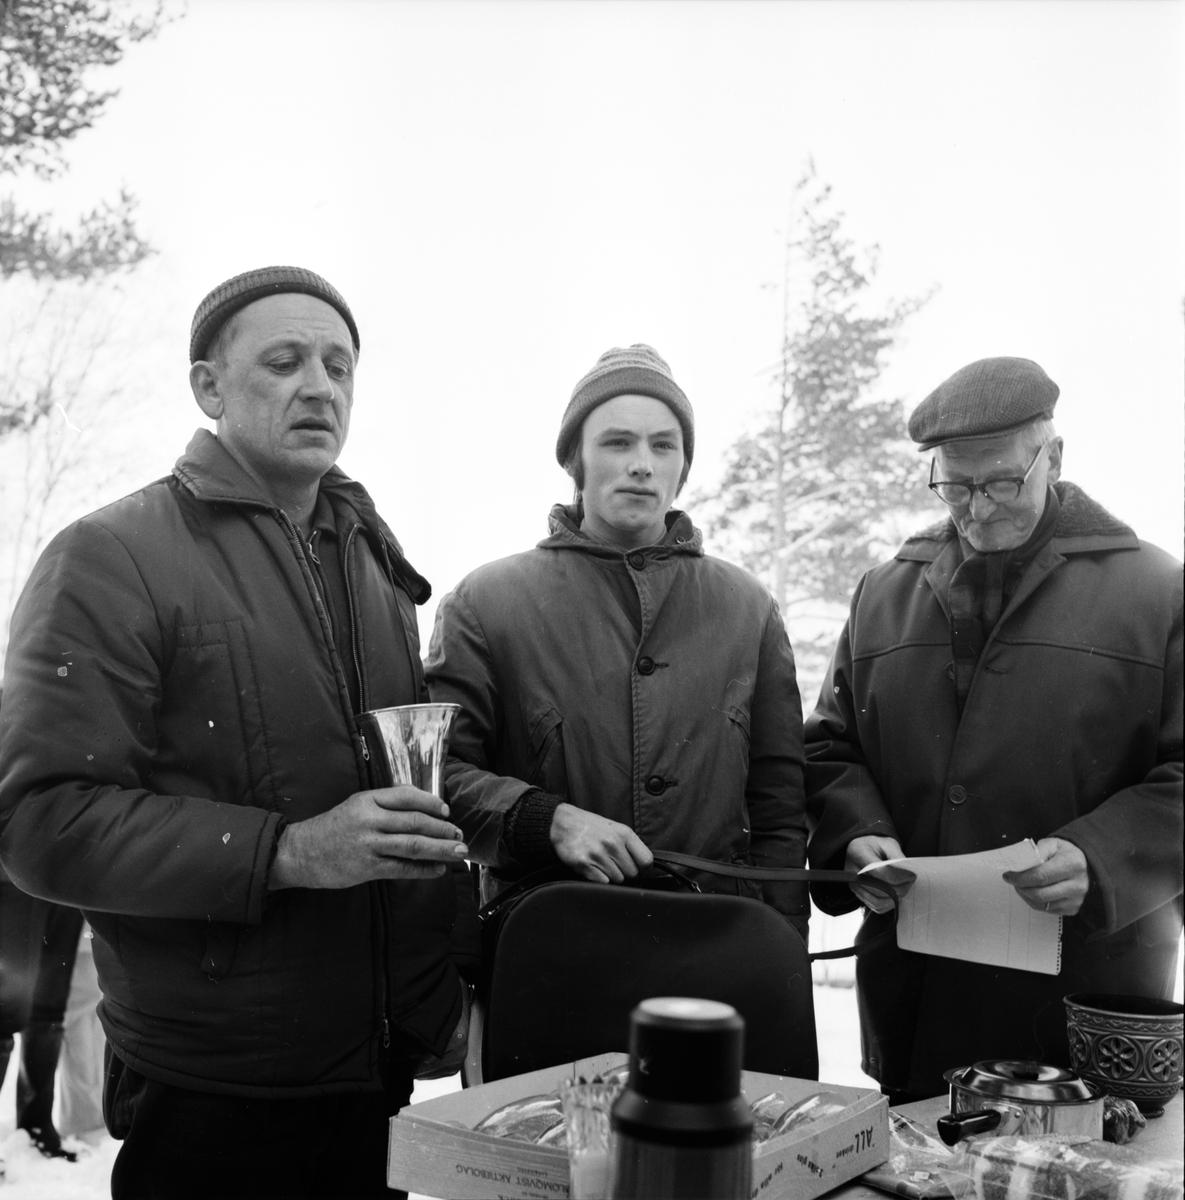 Arbrå, Pimpeltävling på Kyrksjön, April 1971